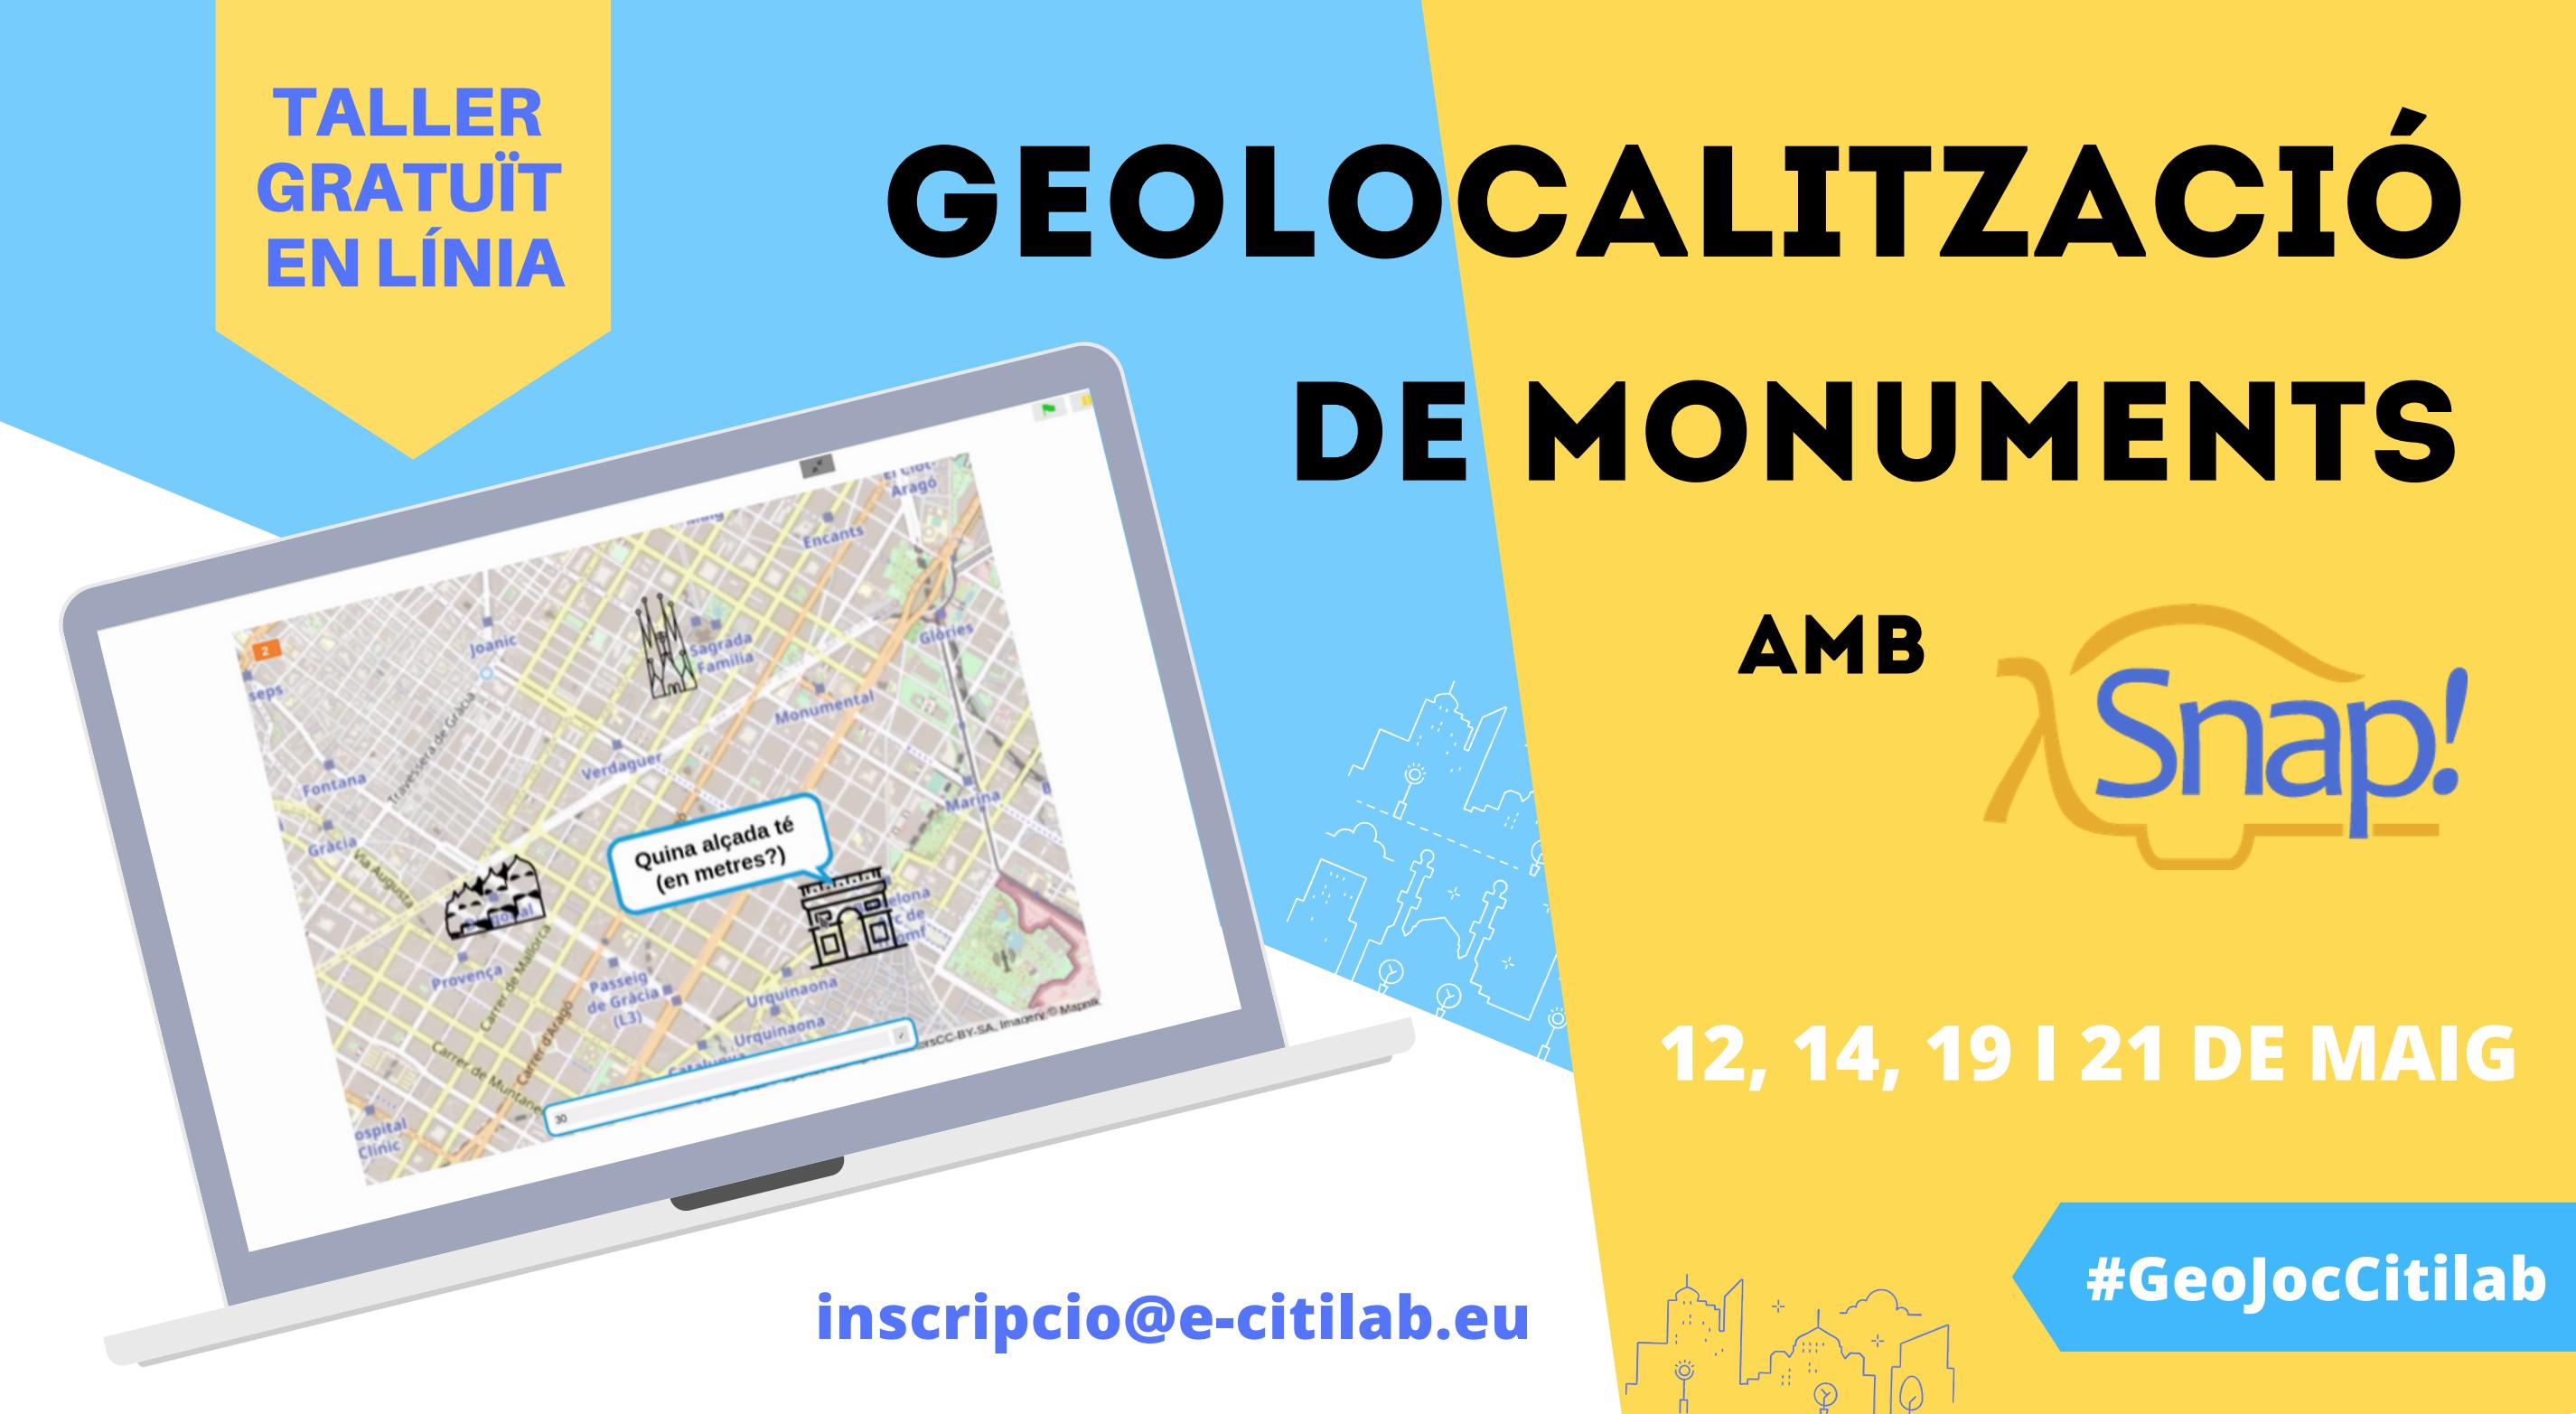 Arriba El Nou Taller En Línia Del Citilab: Programem Amb Snap! Un Joc De Geolocalització De Monuments Modernistes